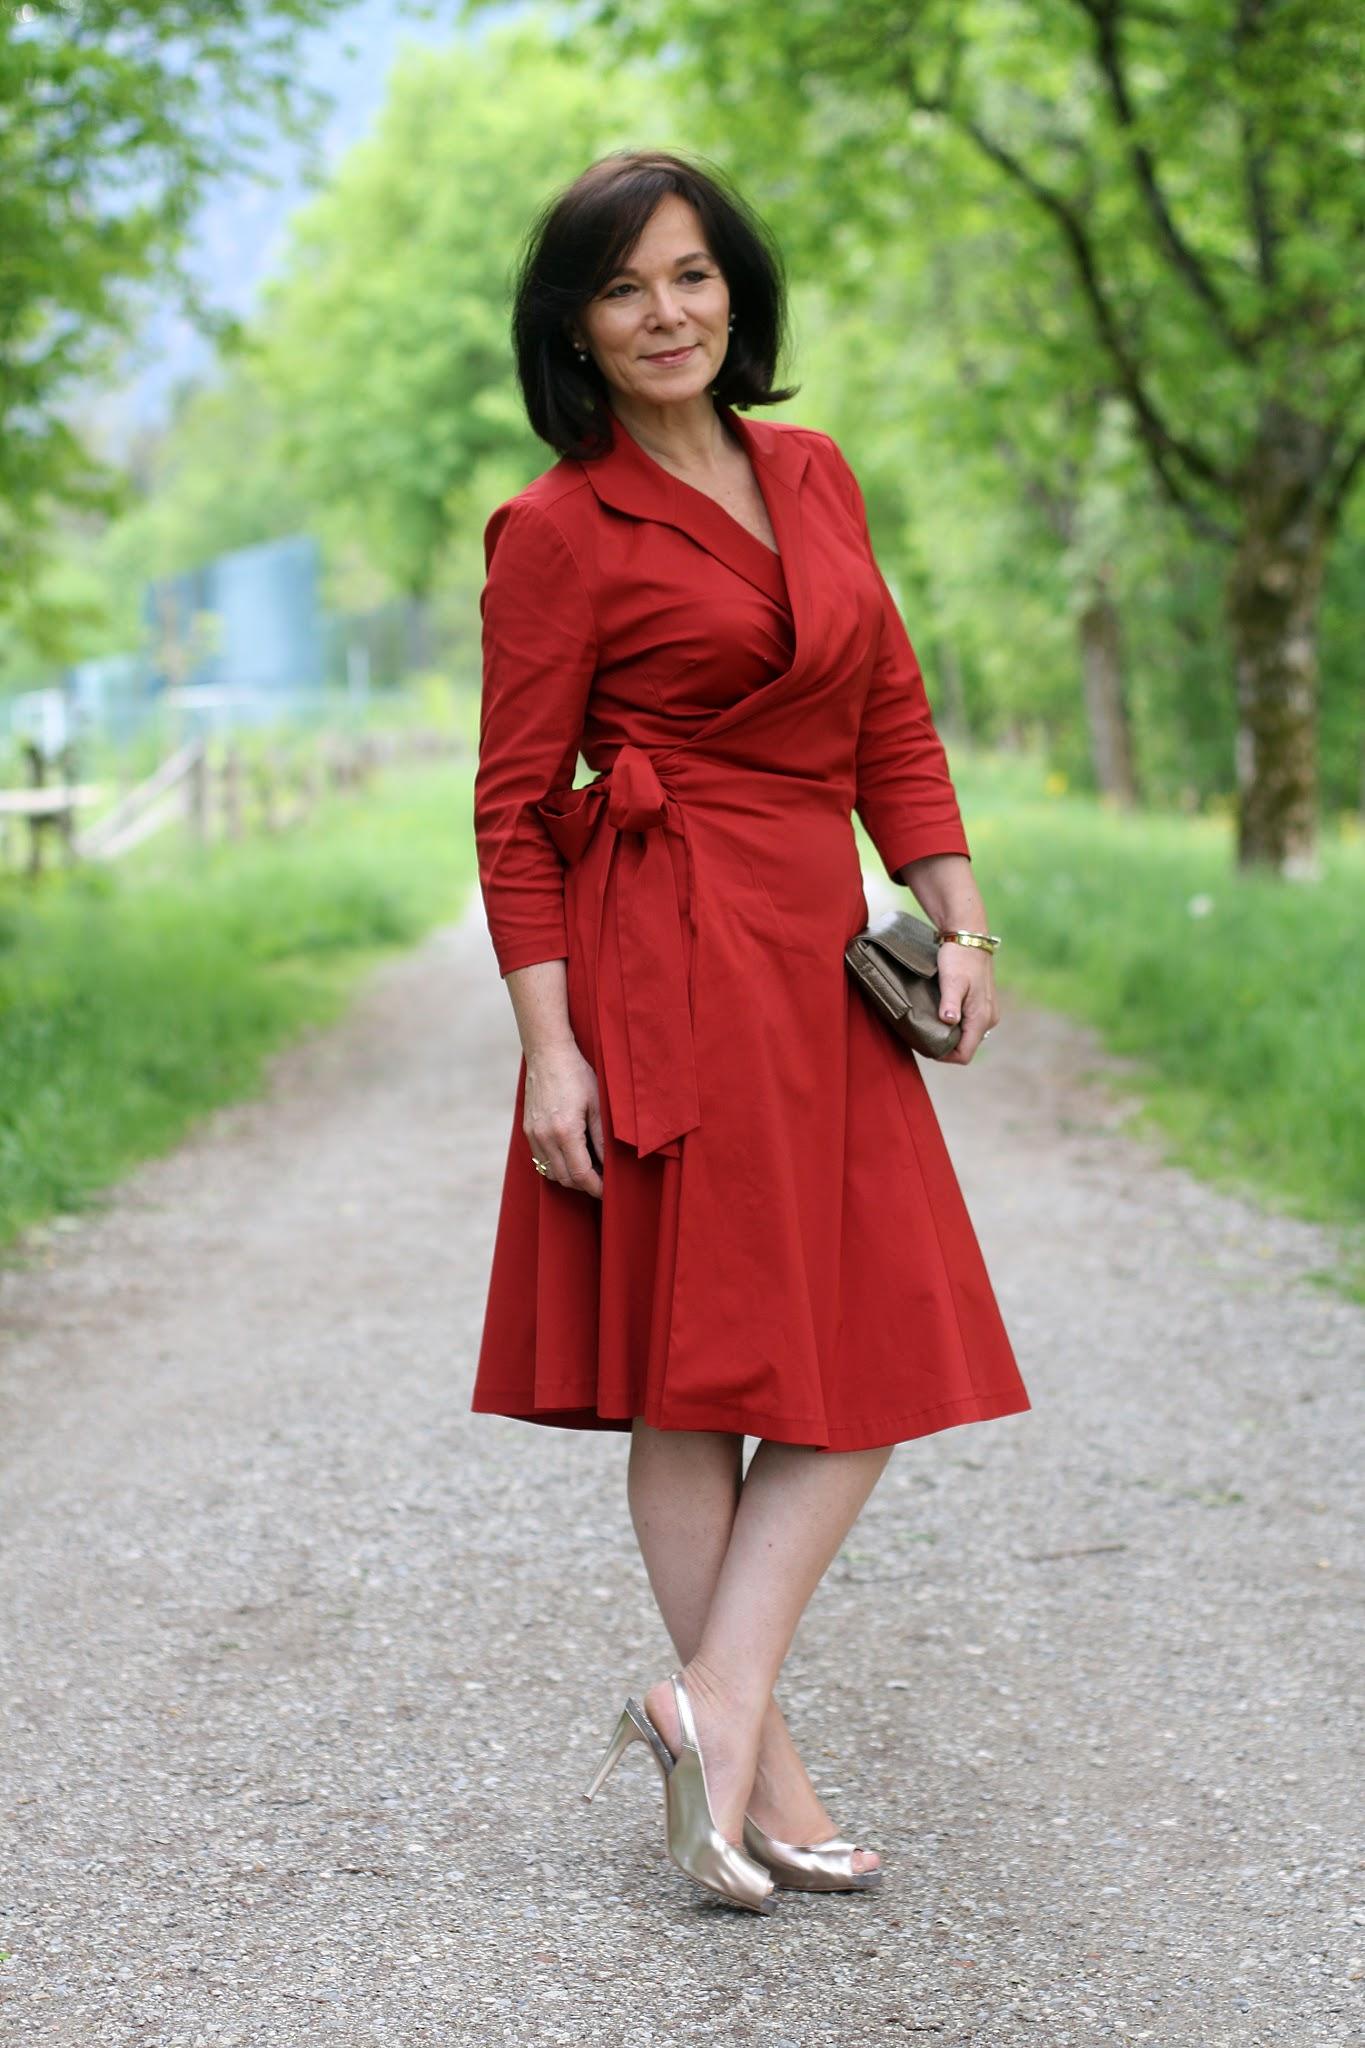 Annette, Lady of Style wearing Winser London